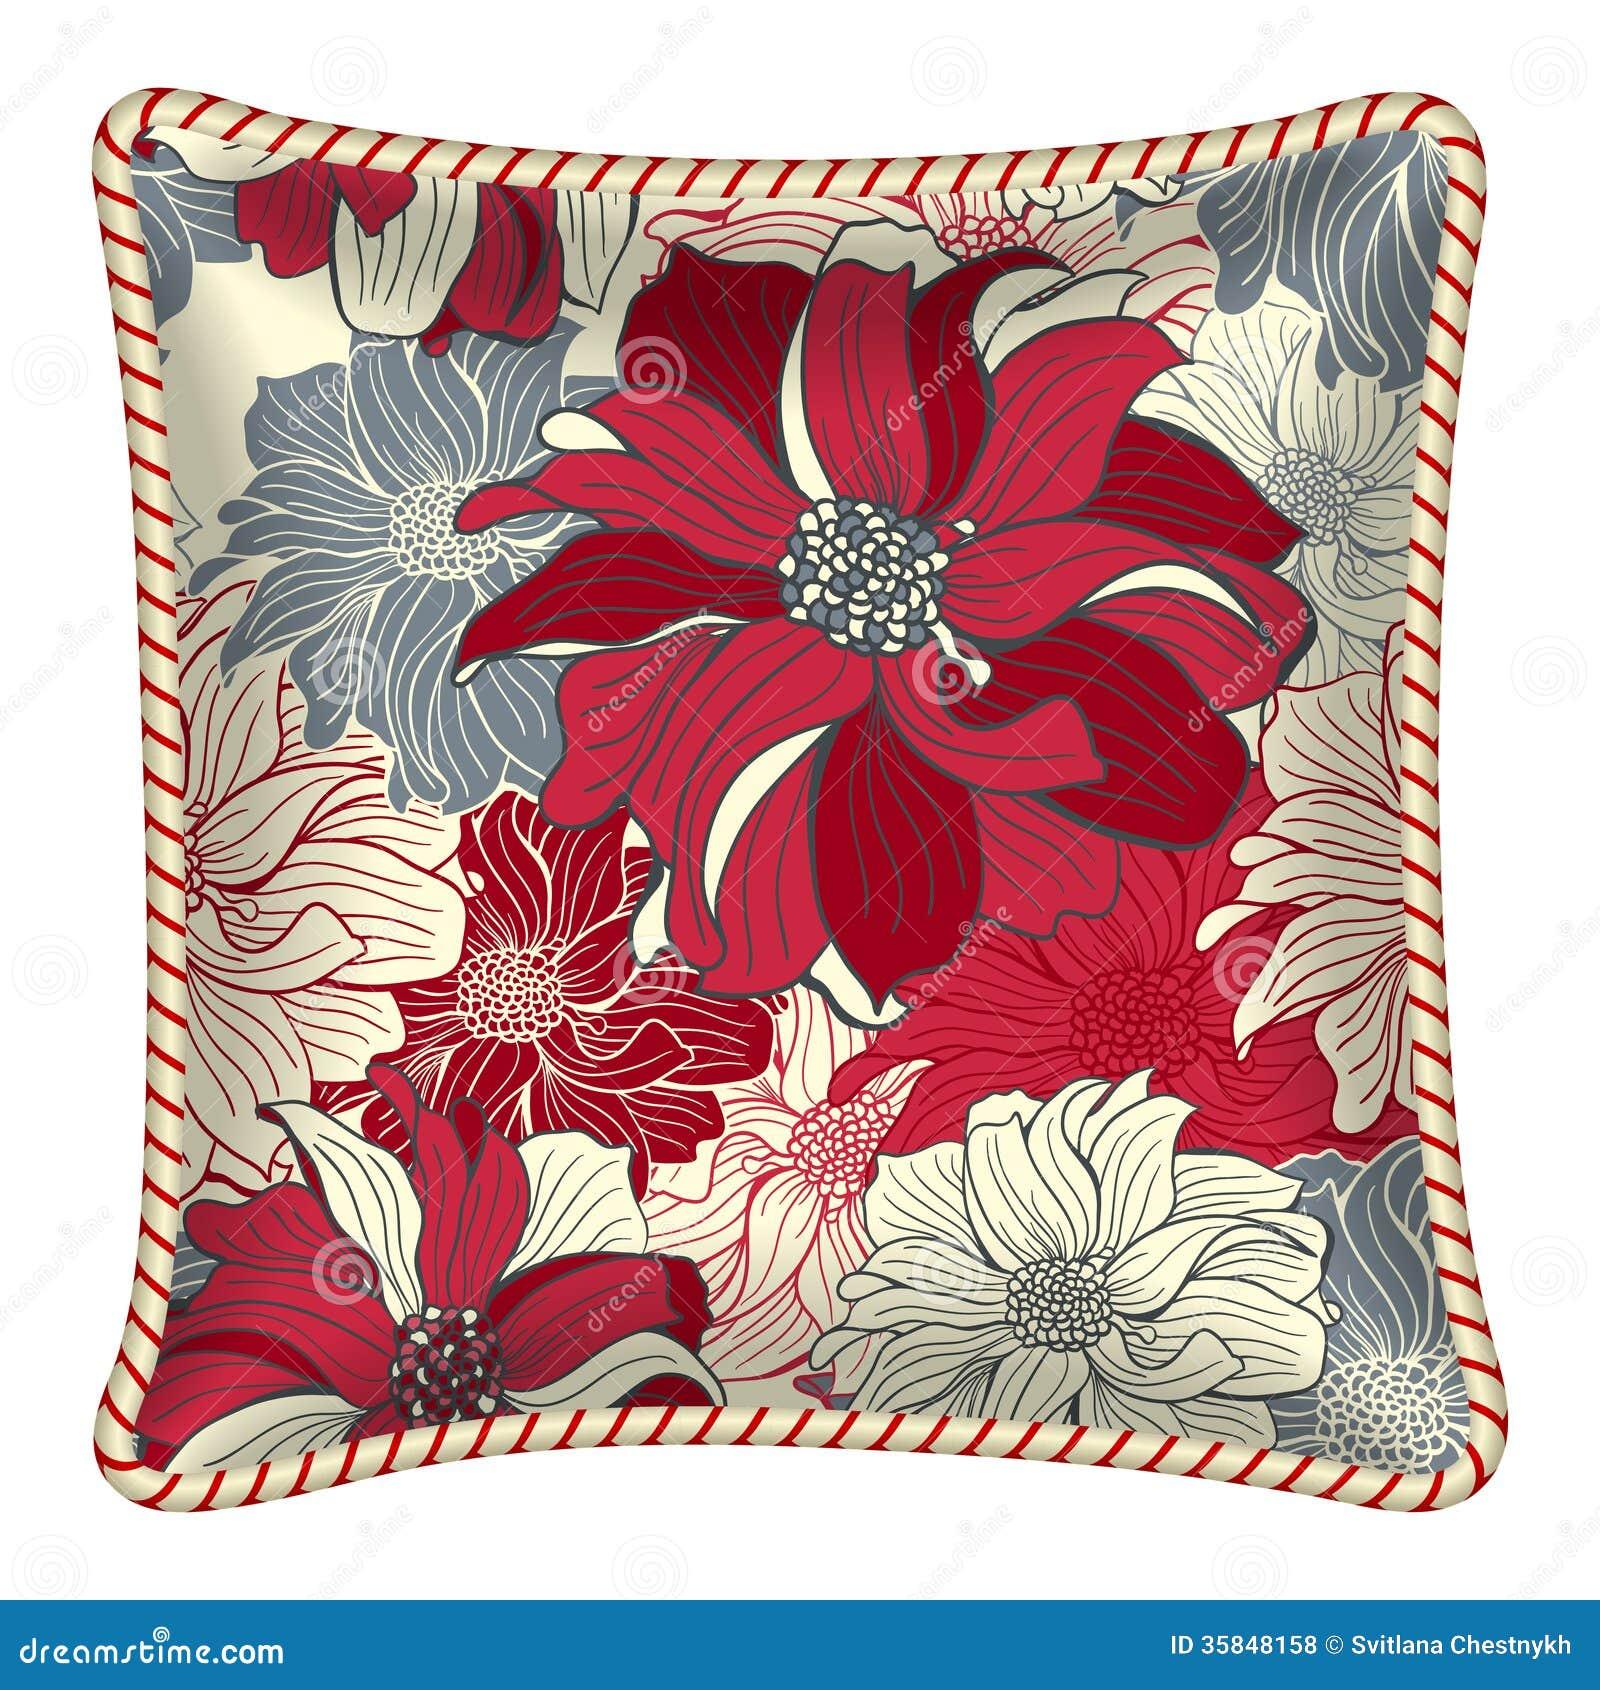 Decorative Pillow Royalty Free Stock Photos Image 35848158